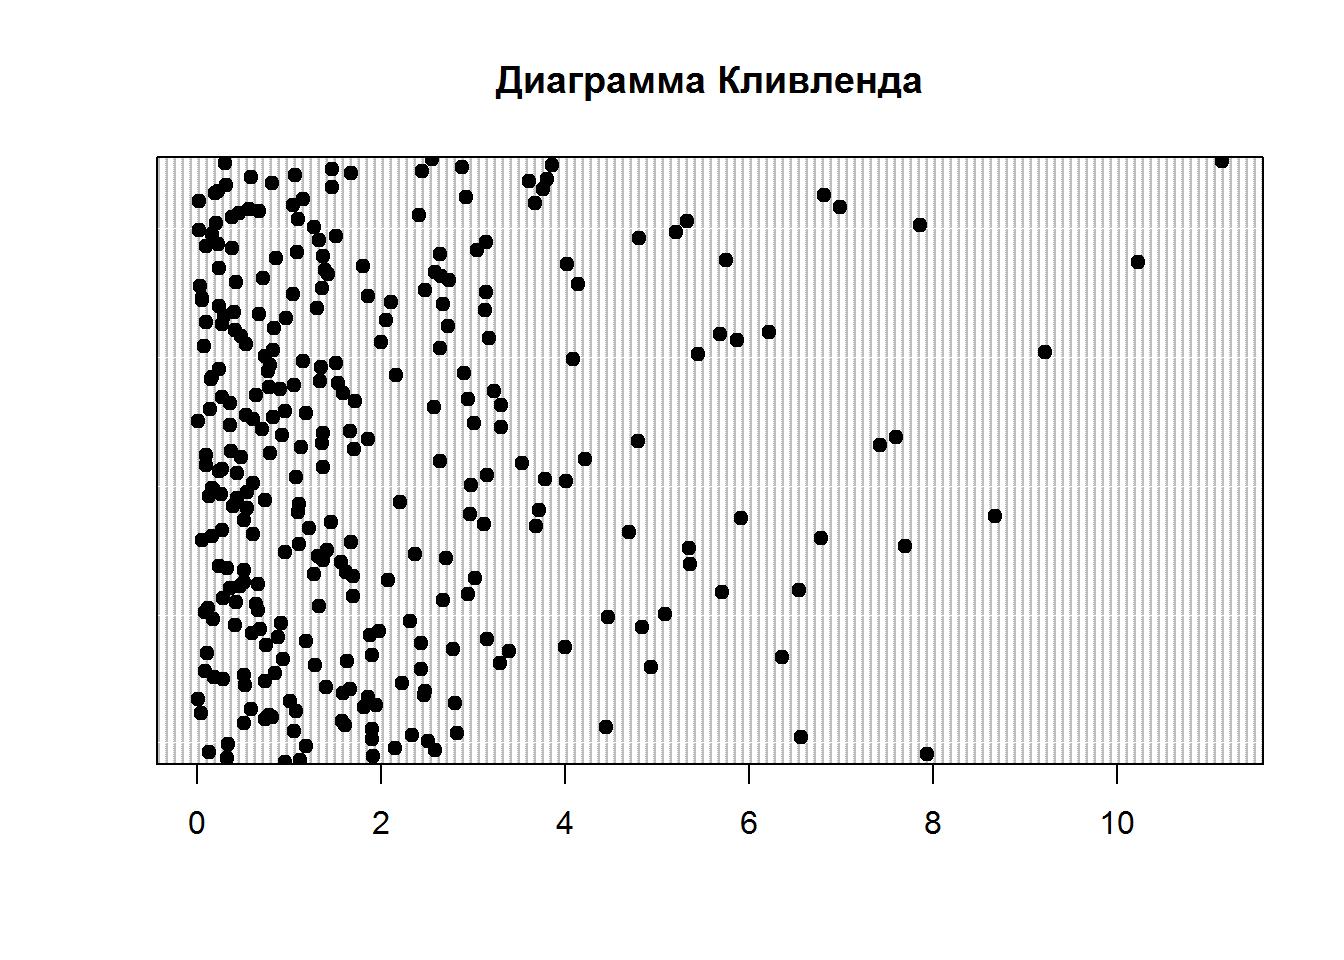 d8c092d7-22cb-4cb1-93ea-b28aeea620d3